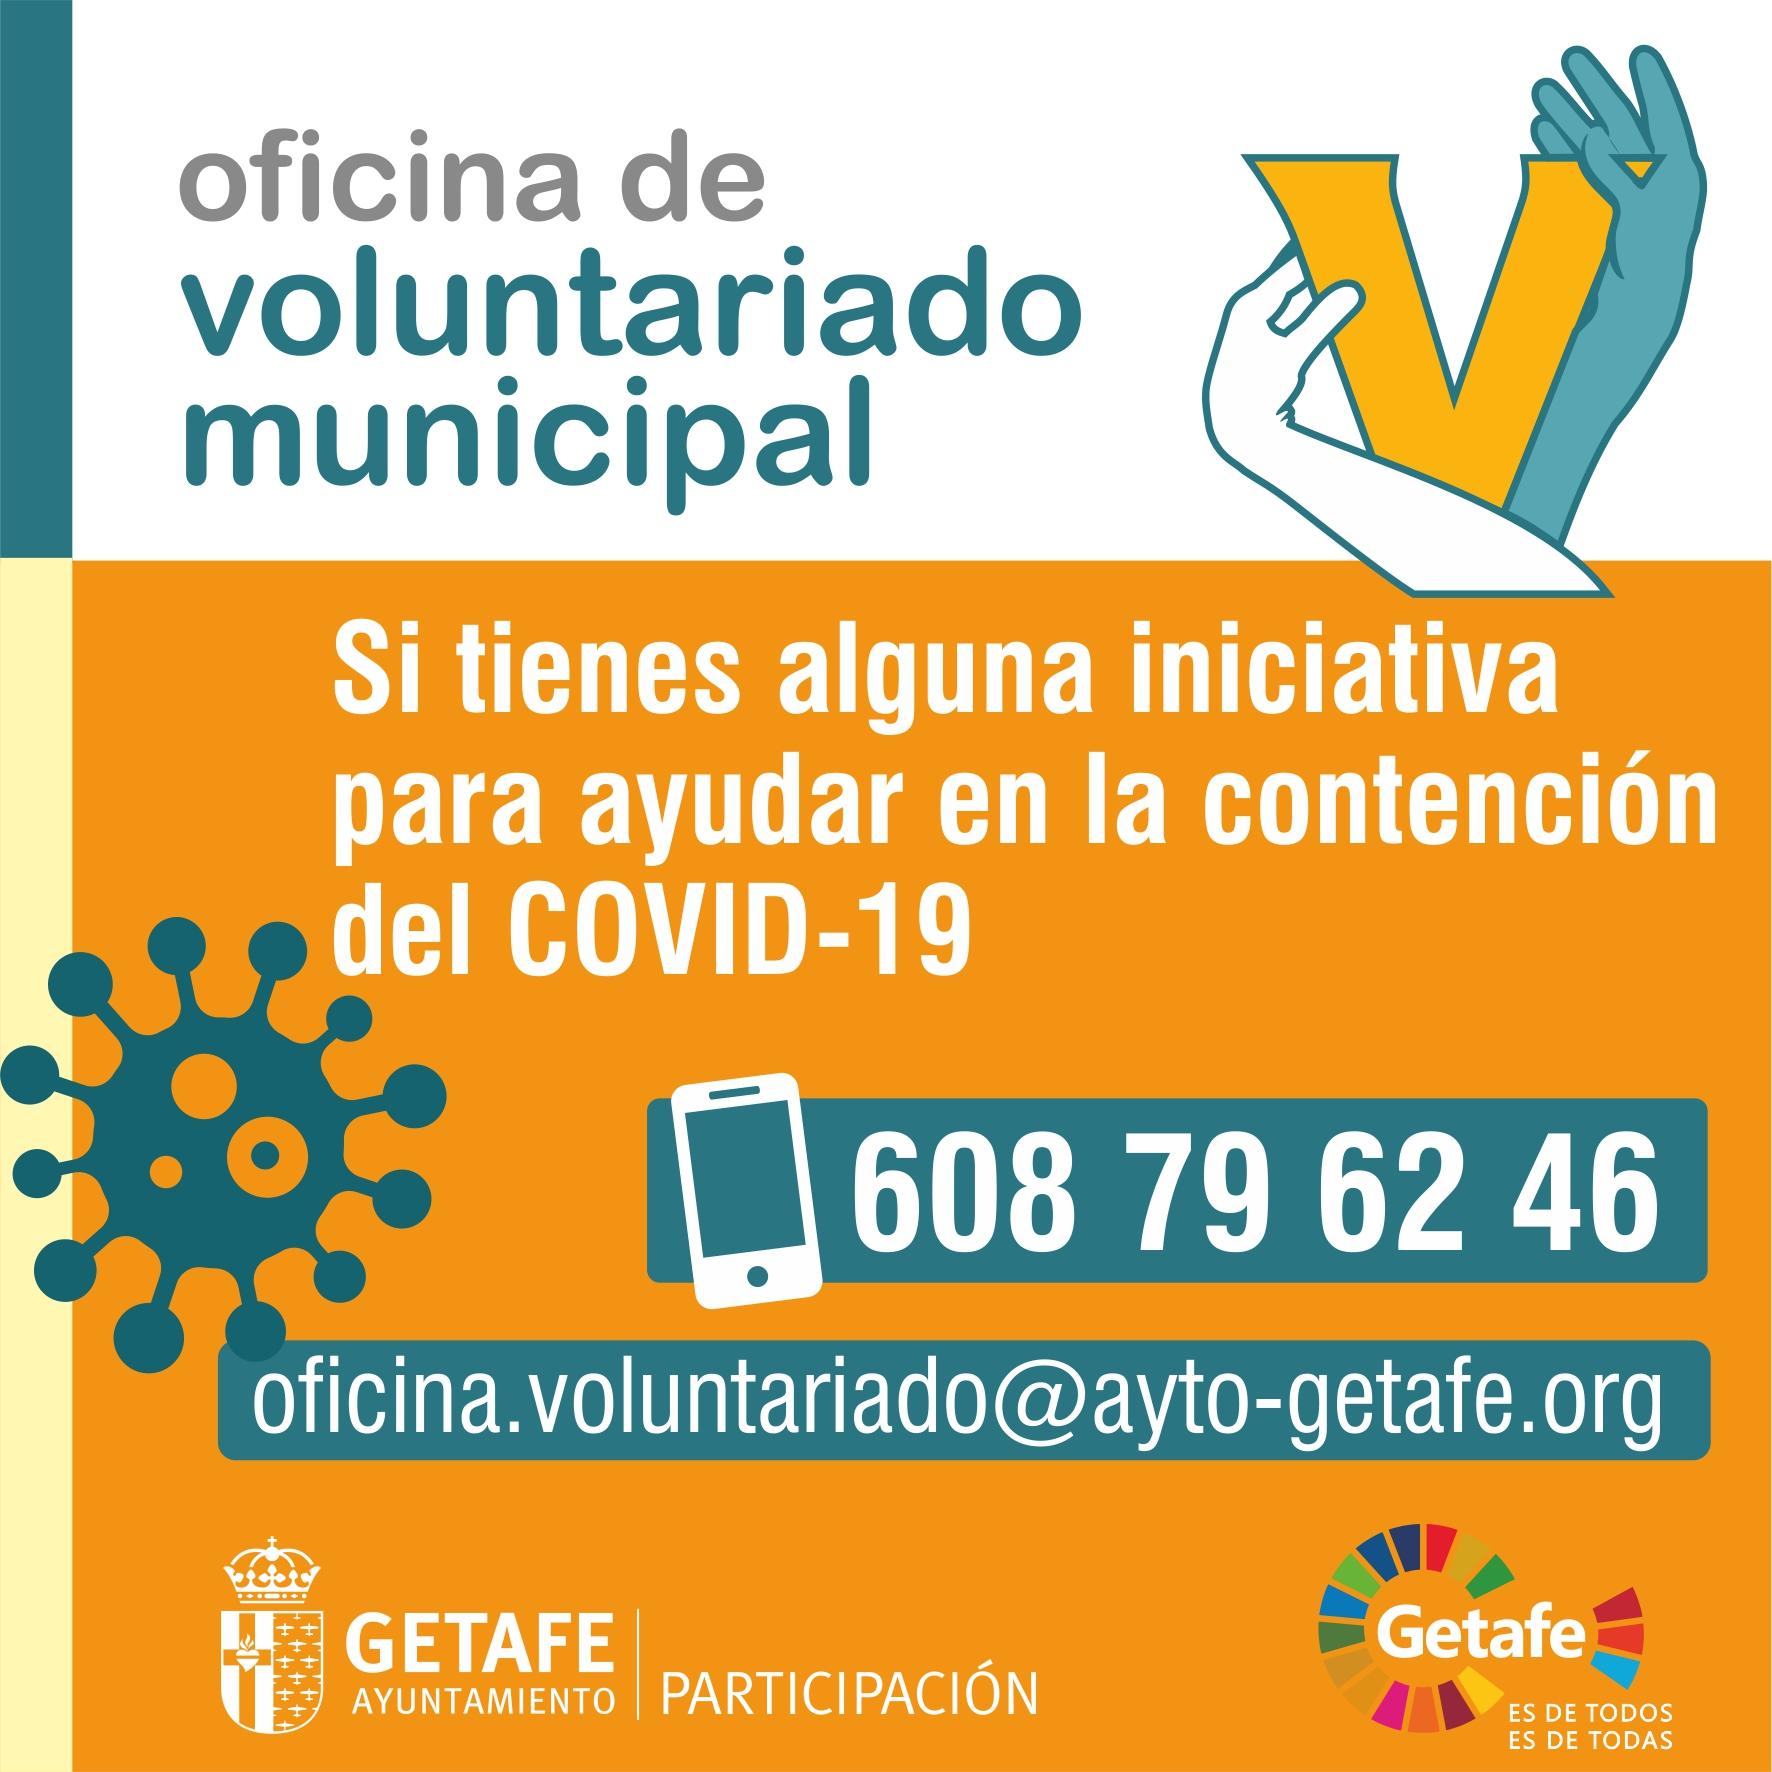 Texto Alternativo: Getafe habilita la Oficina de Voluntariado para centralizar las iniciativas ciudadanas